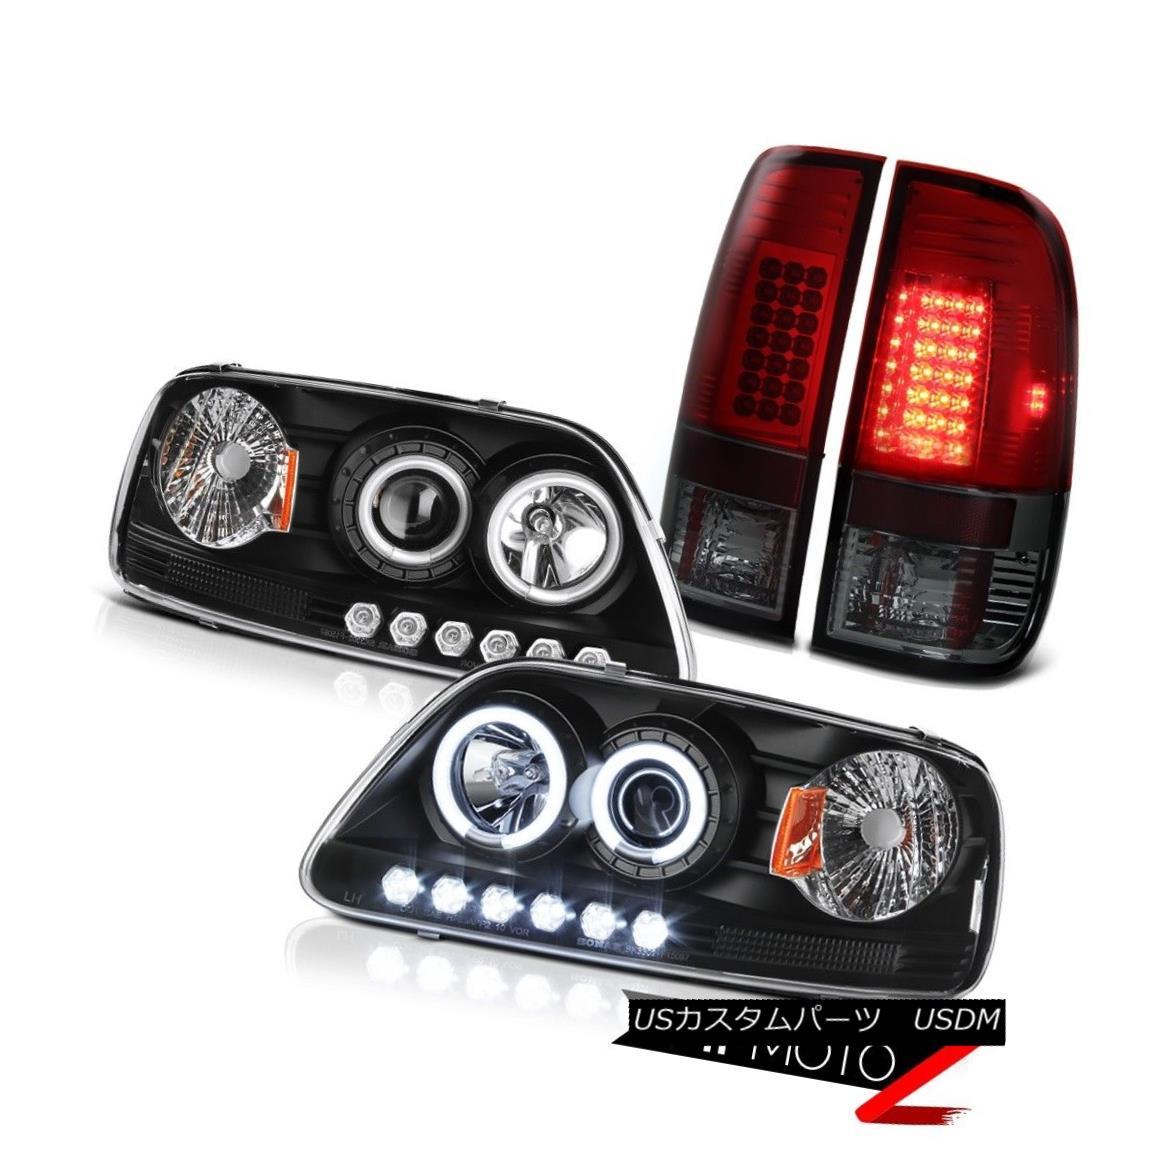 テールライト F150 Hertiage 1999 2000 2001 Black CCFL Halo Headlight LED Smokey Red Brake Lamp F150 Heritage 1999 2000 2001ブラックCCFL HaloヘッドライトLEDスモーキーレッドブレーキランプ